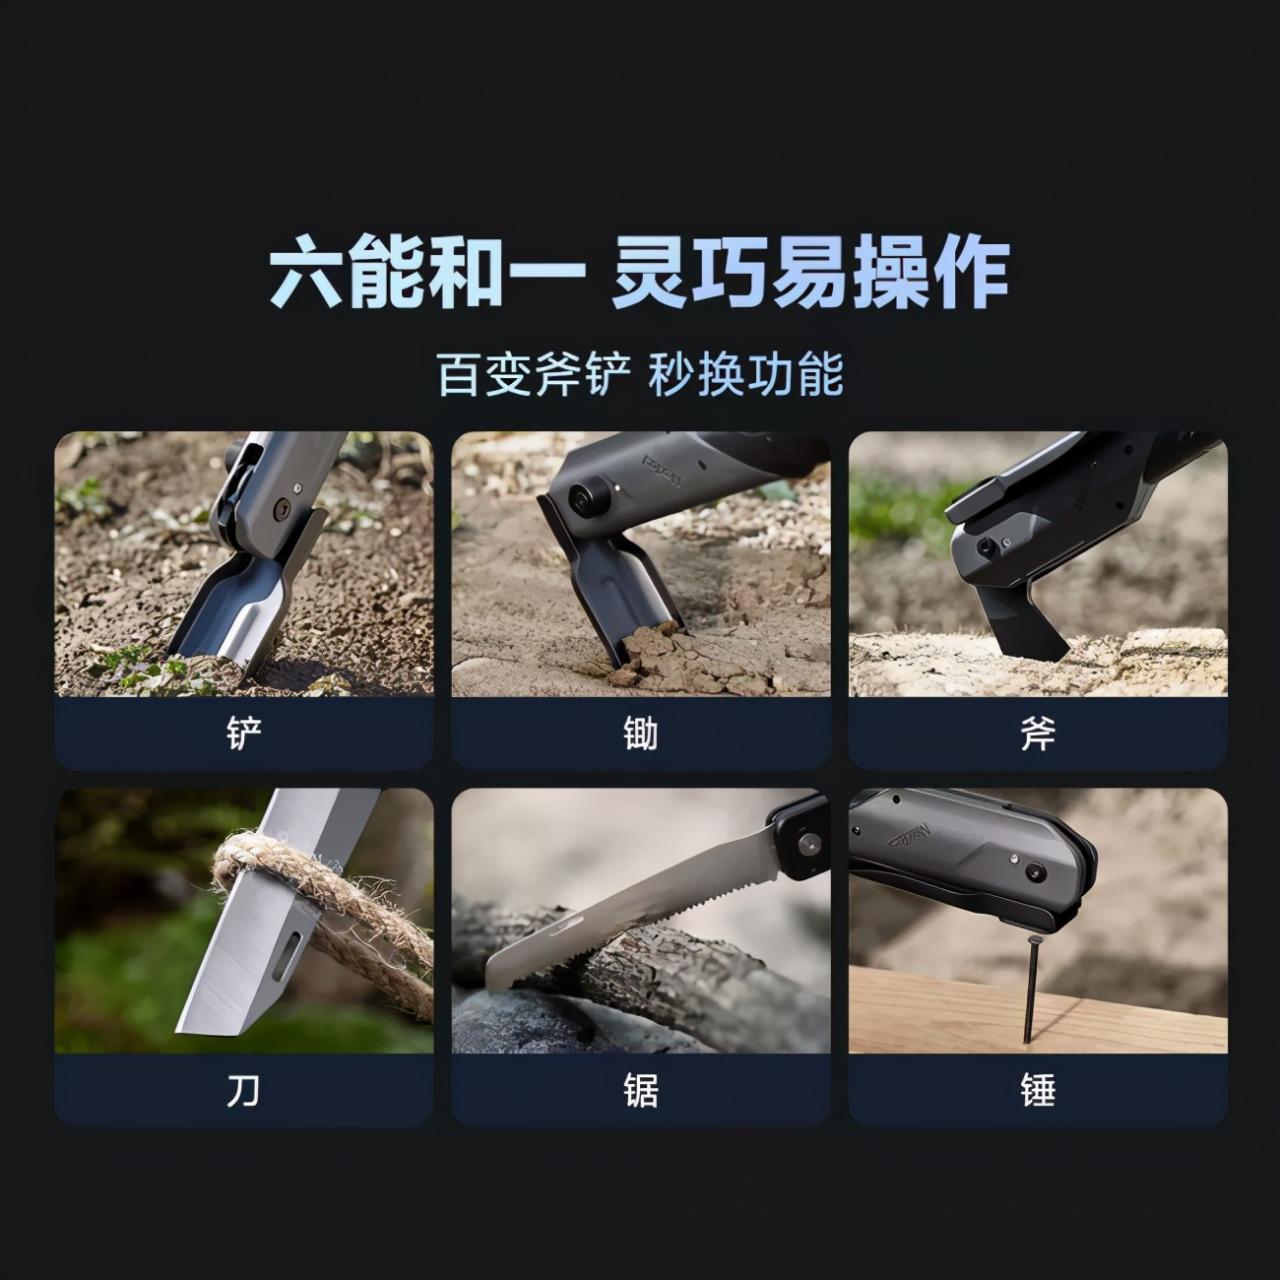 小米有品众筹多功能铲或为新爆款,集聚七大核心功能户外必备